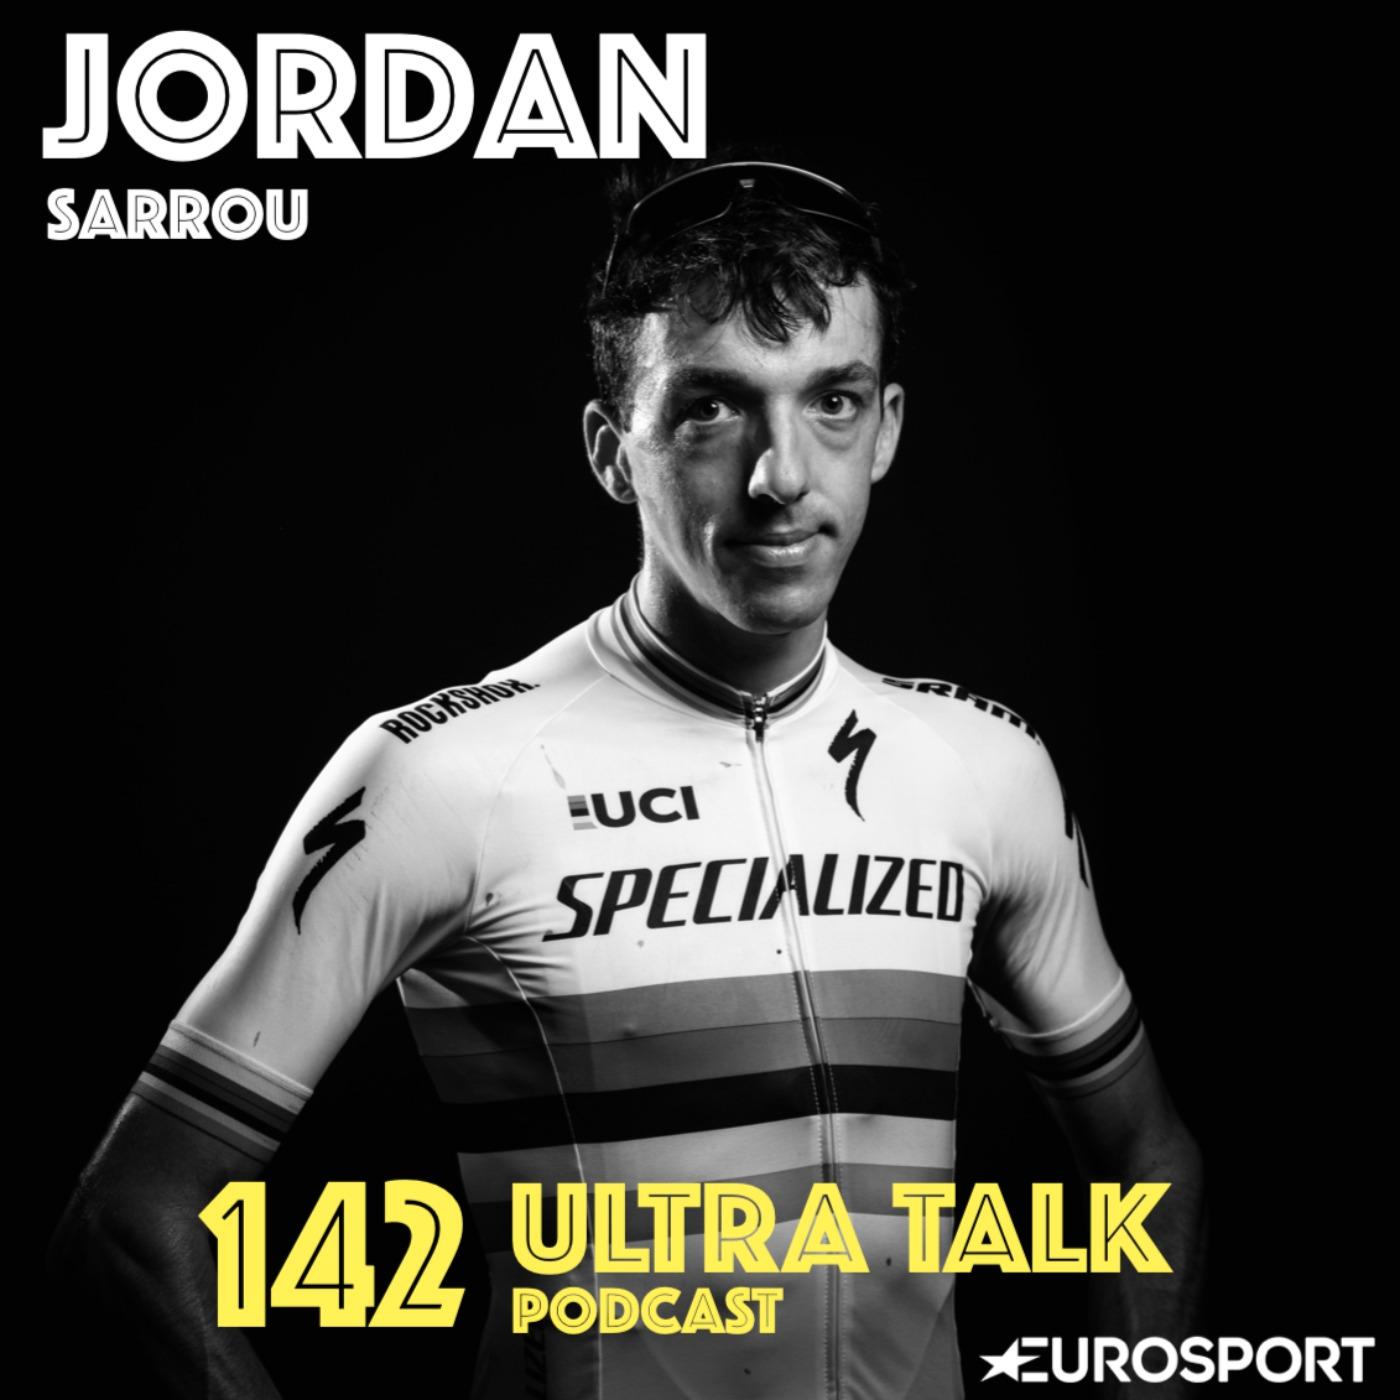 """Jordan Sarrou : """"L'arrivée de Van der Poel en VTT, ça a fait du bien à la discipline"""""""